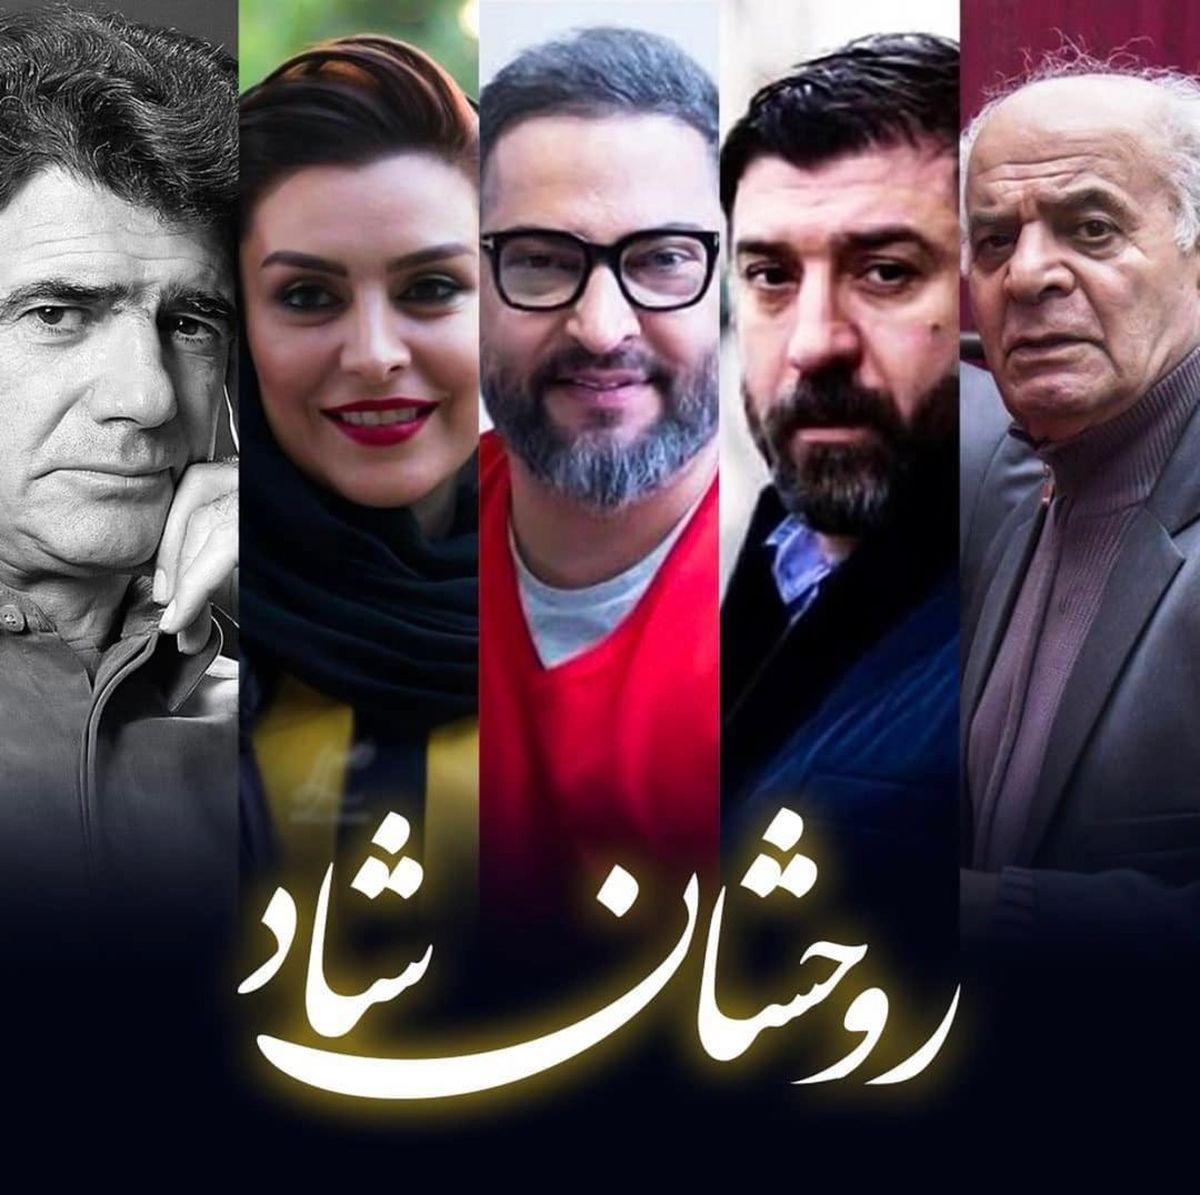 مرگ چهره های مشهور در سال 99 که ایرانیان را شوکه کرد + فیلم